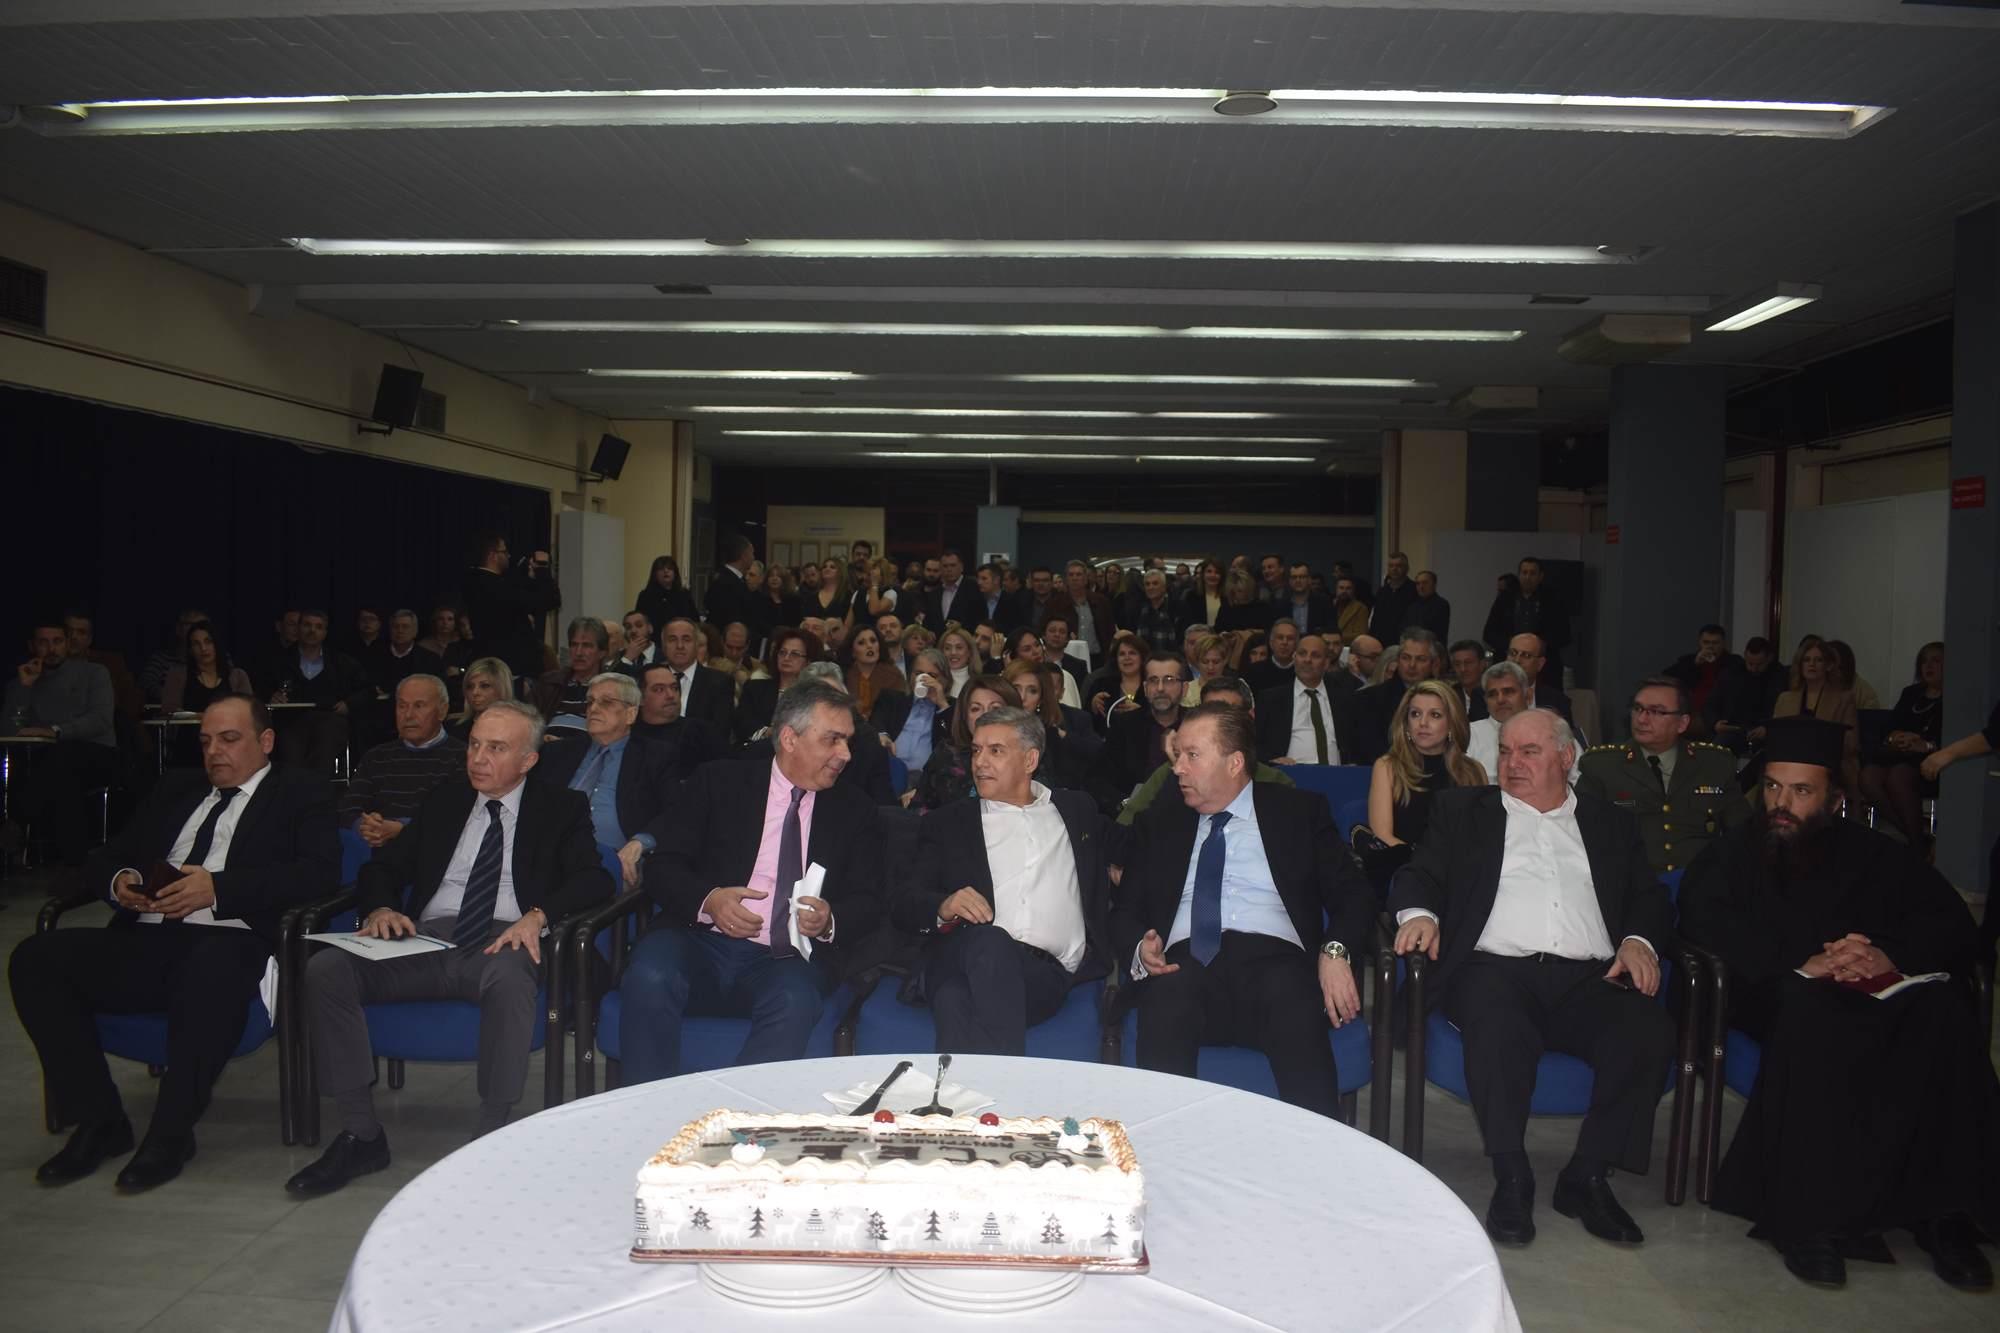 Έκοψε την πίτα του το ΤΕΕ στη Λάρισα - Παρουσιάστηκε λεύκωμα για τα 70 χρόνια ιστορίας του (φωτο)